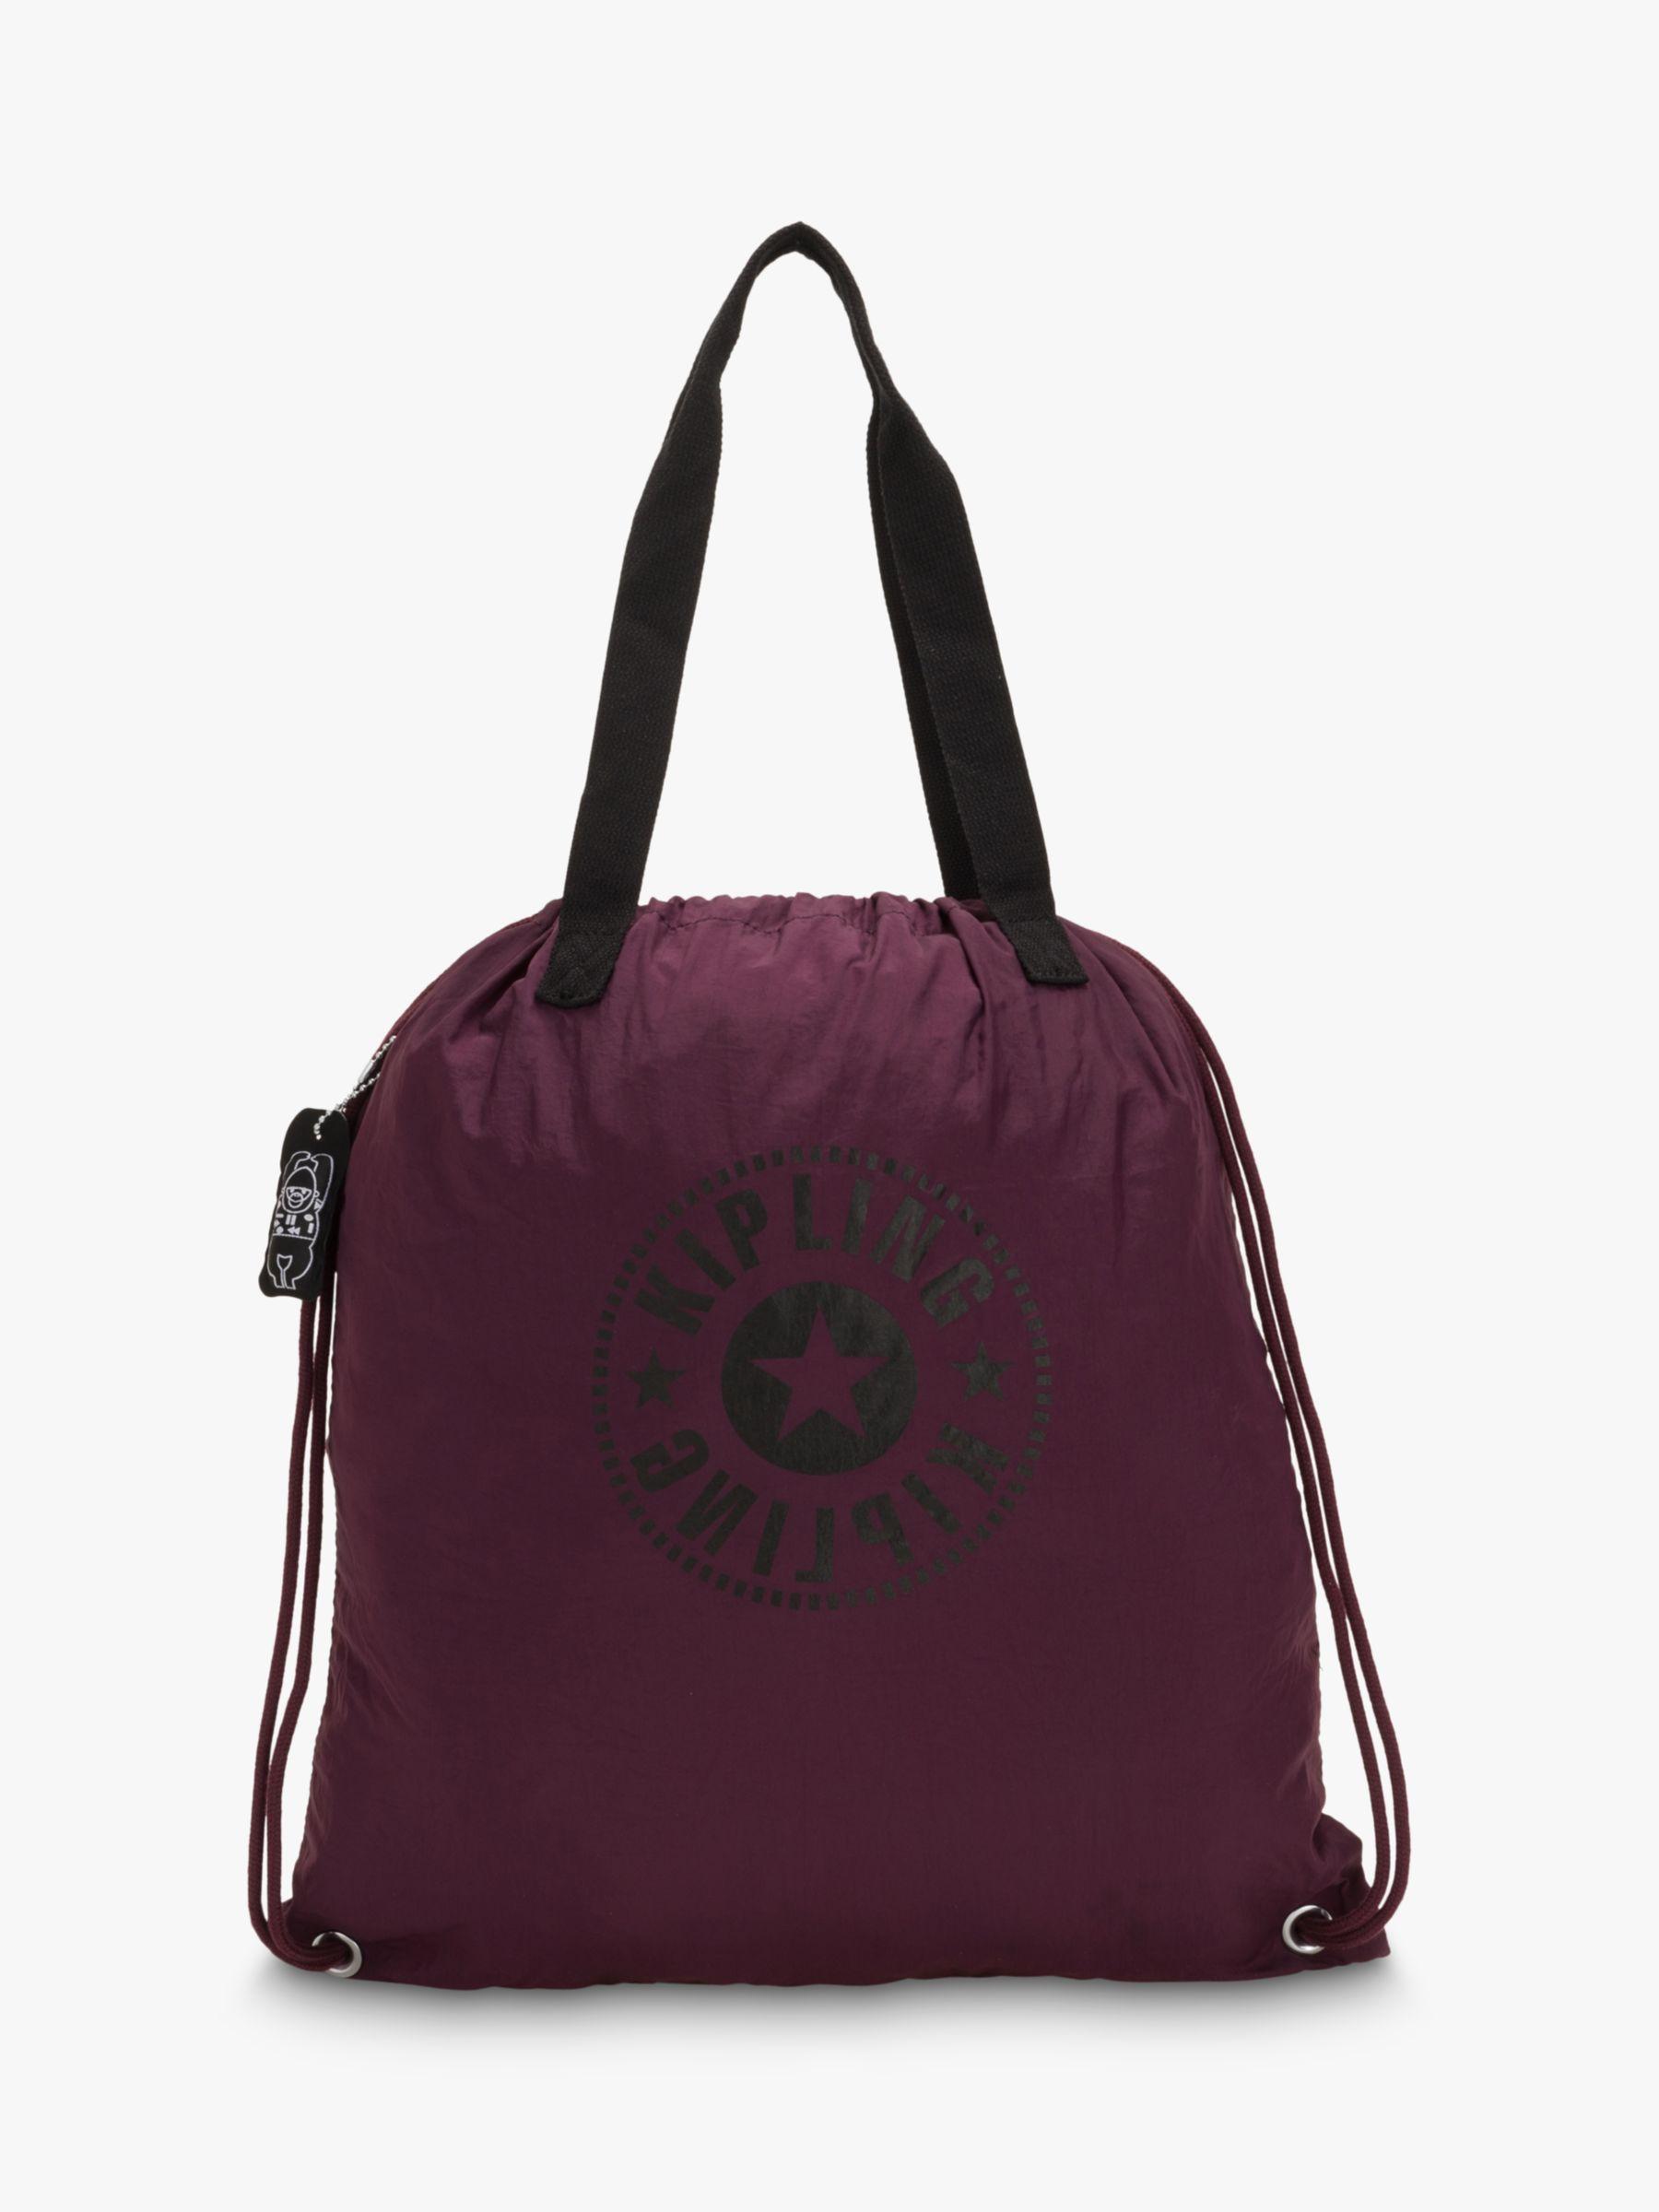 Kipling Kipling Hiphurray Packable Tote Backpack